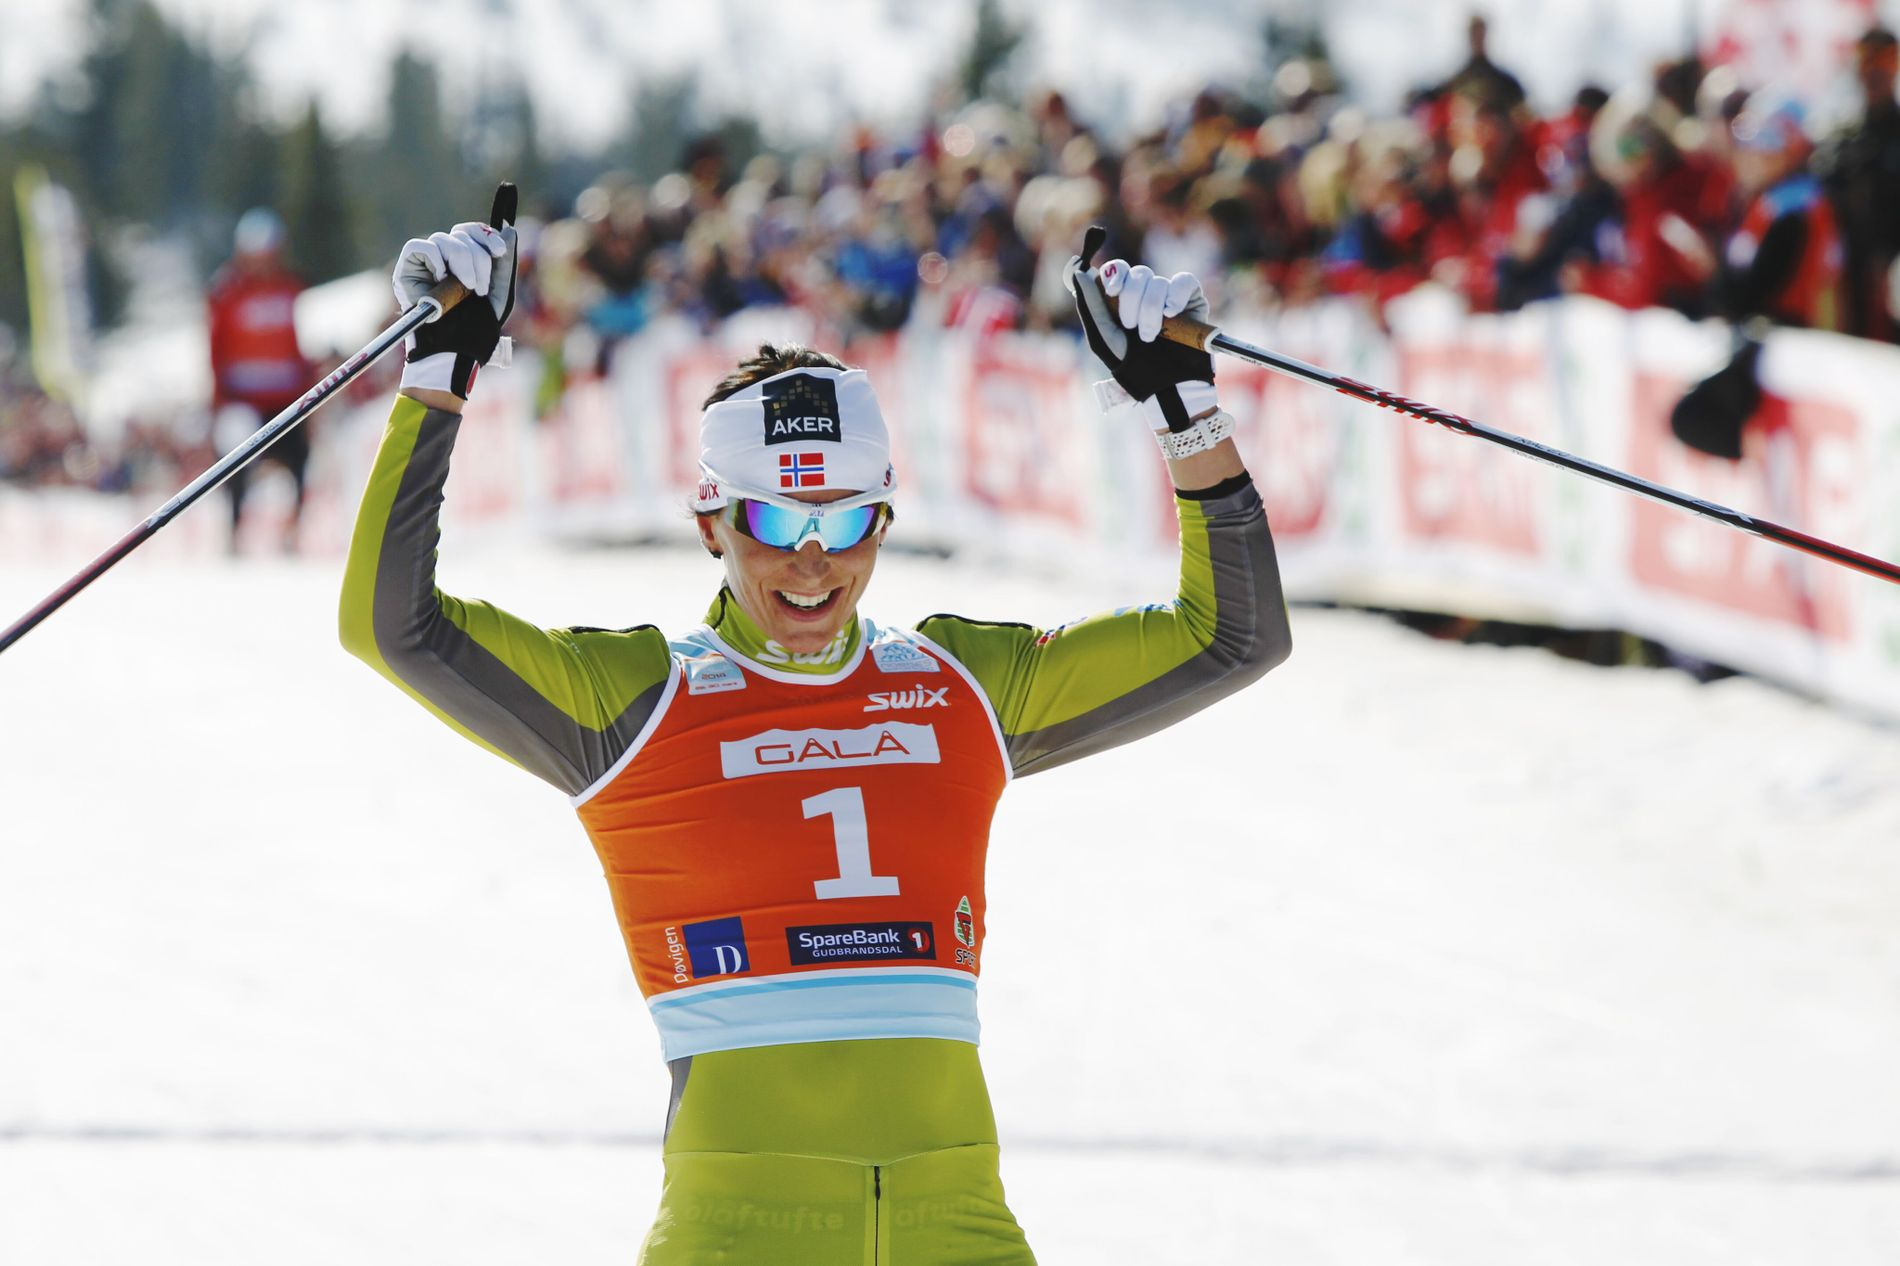 VANT IGJEN: Marit Bjørgen slo Therese Johaug og sørget for en svært gjenkjennelig seierspall på NM-tremilen.